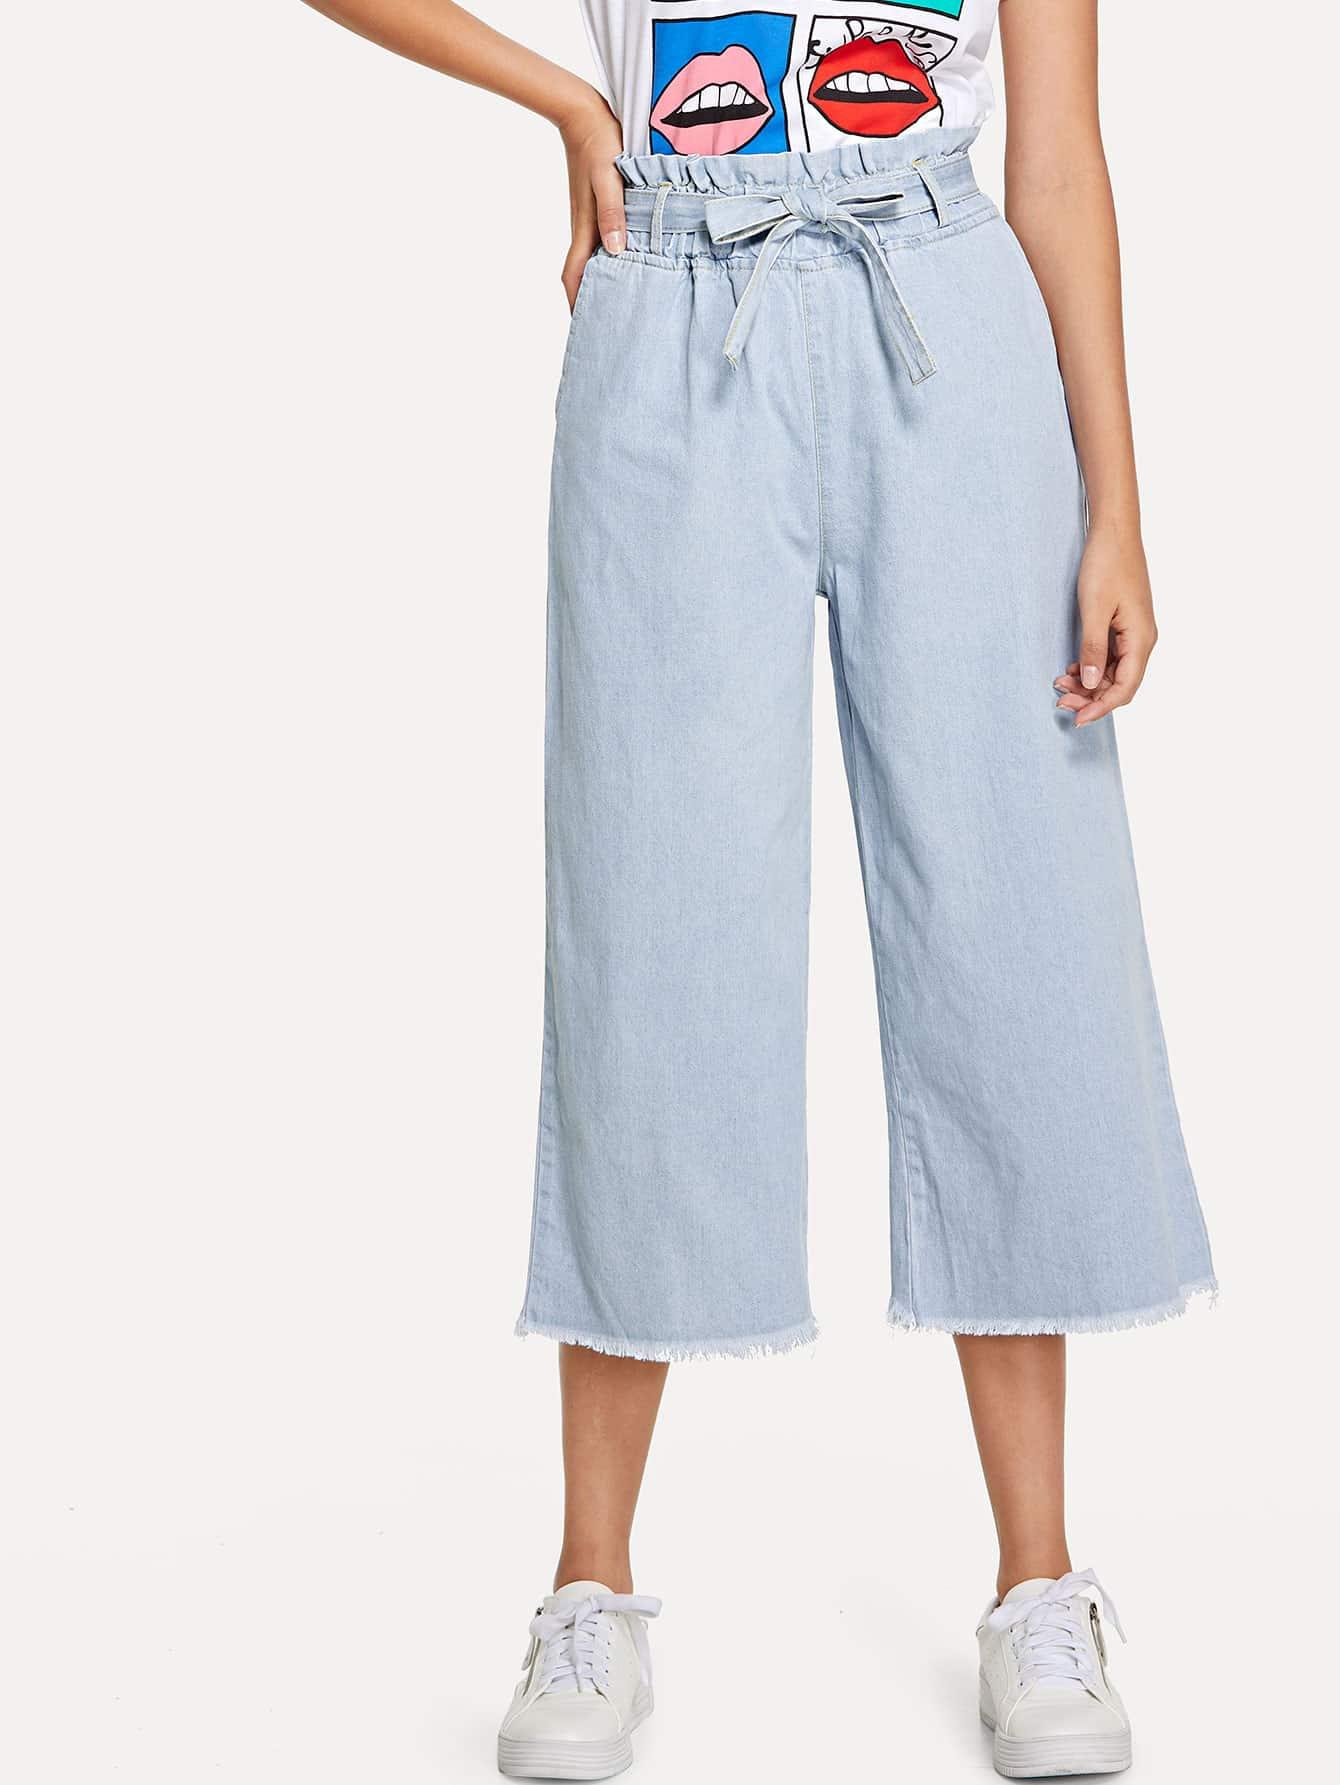 Raw Hem Tie Waist Wide Leg Jeans tie waist seam front jeans